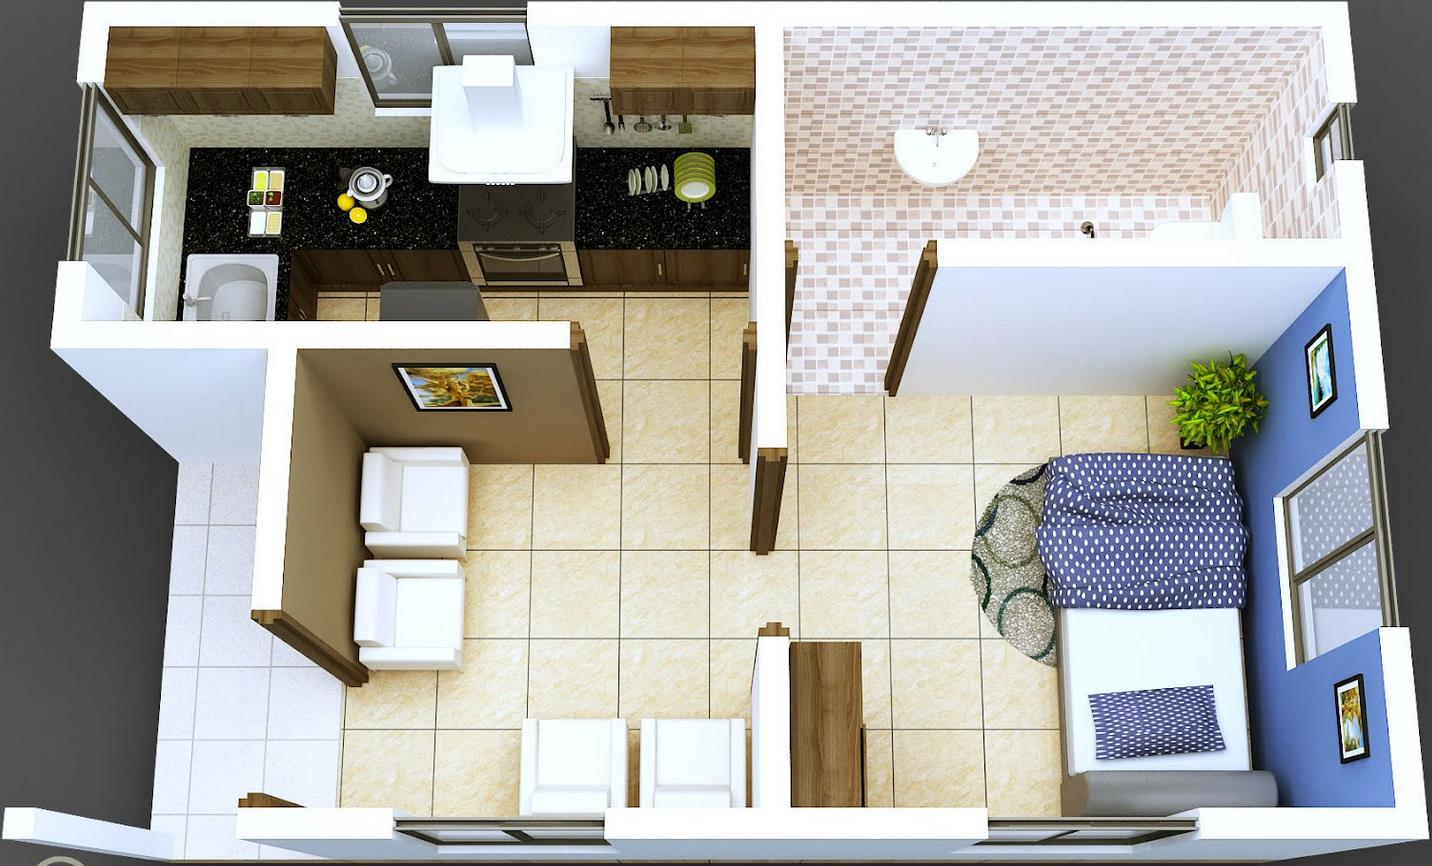 Planos de departamentos planos de casas for Departamentos pequenos planos